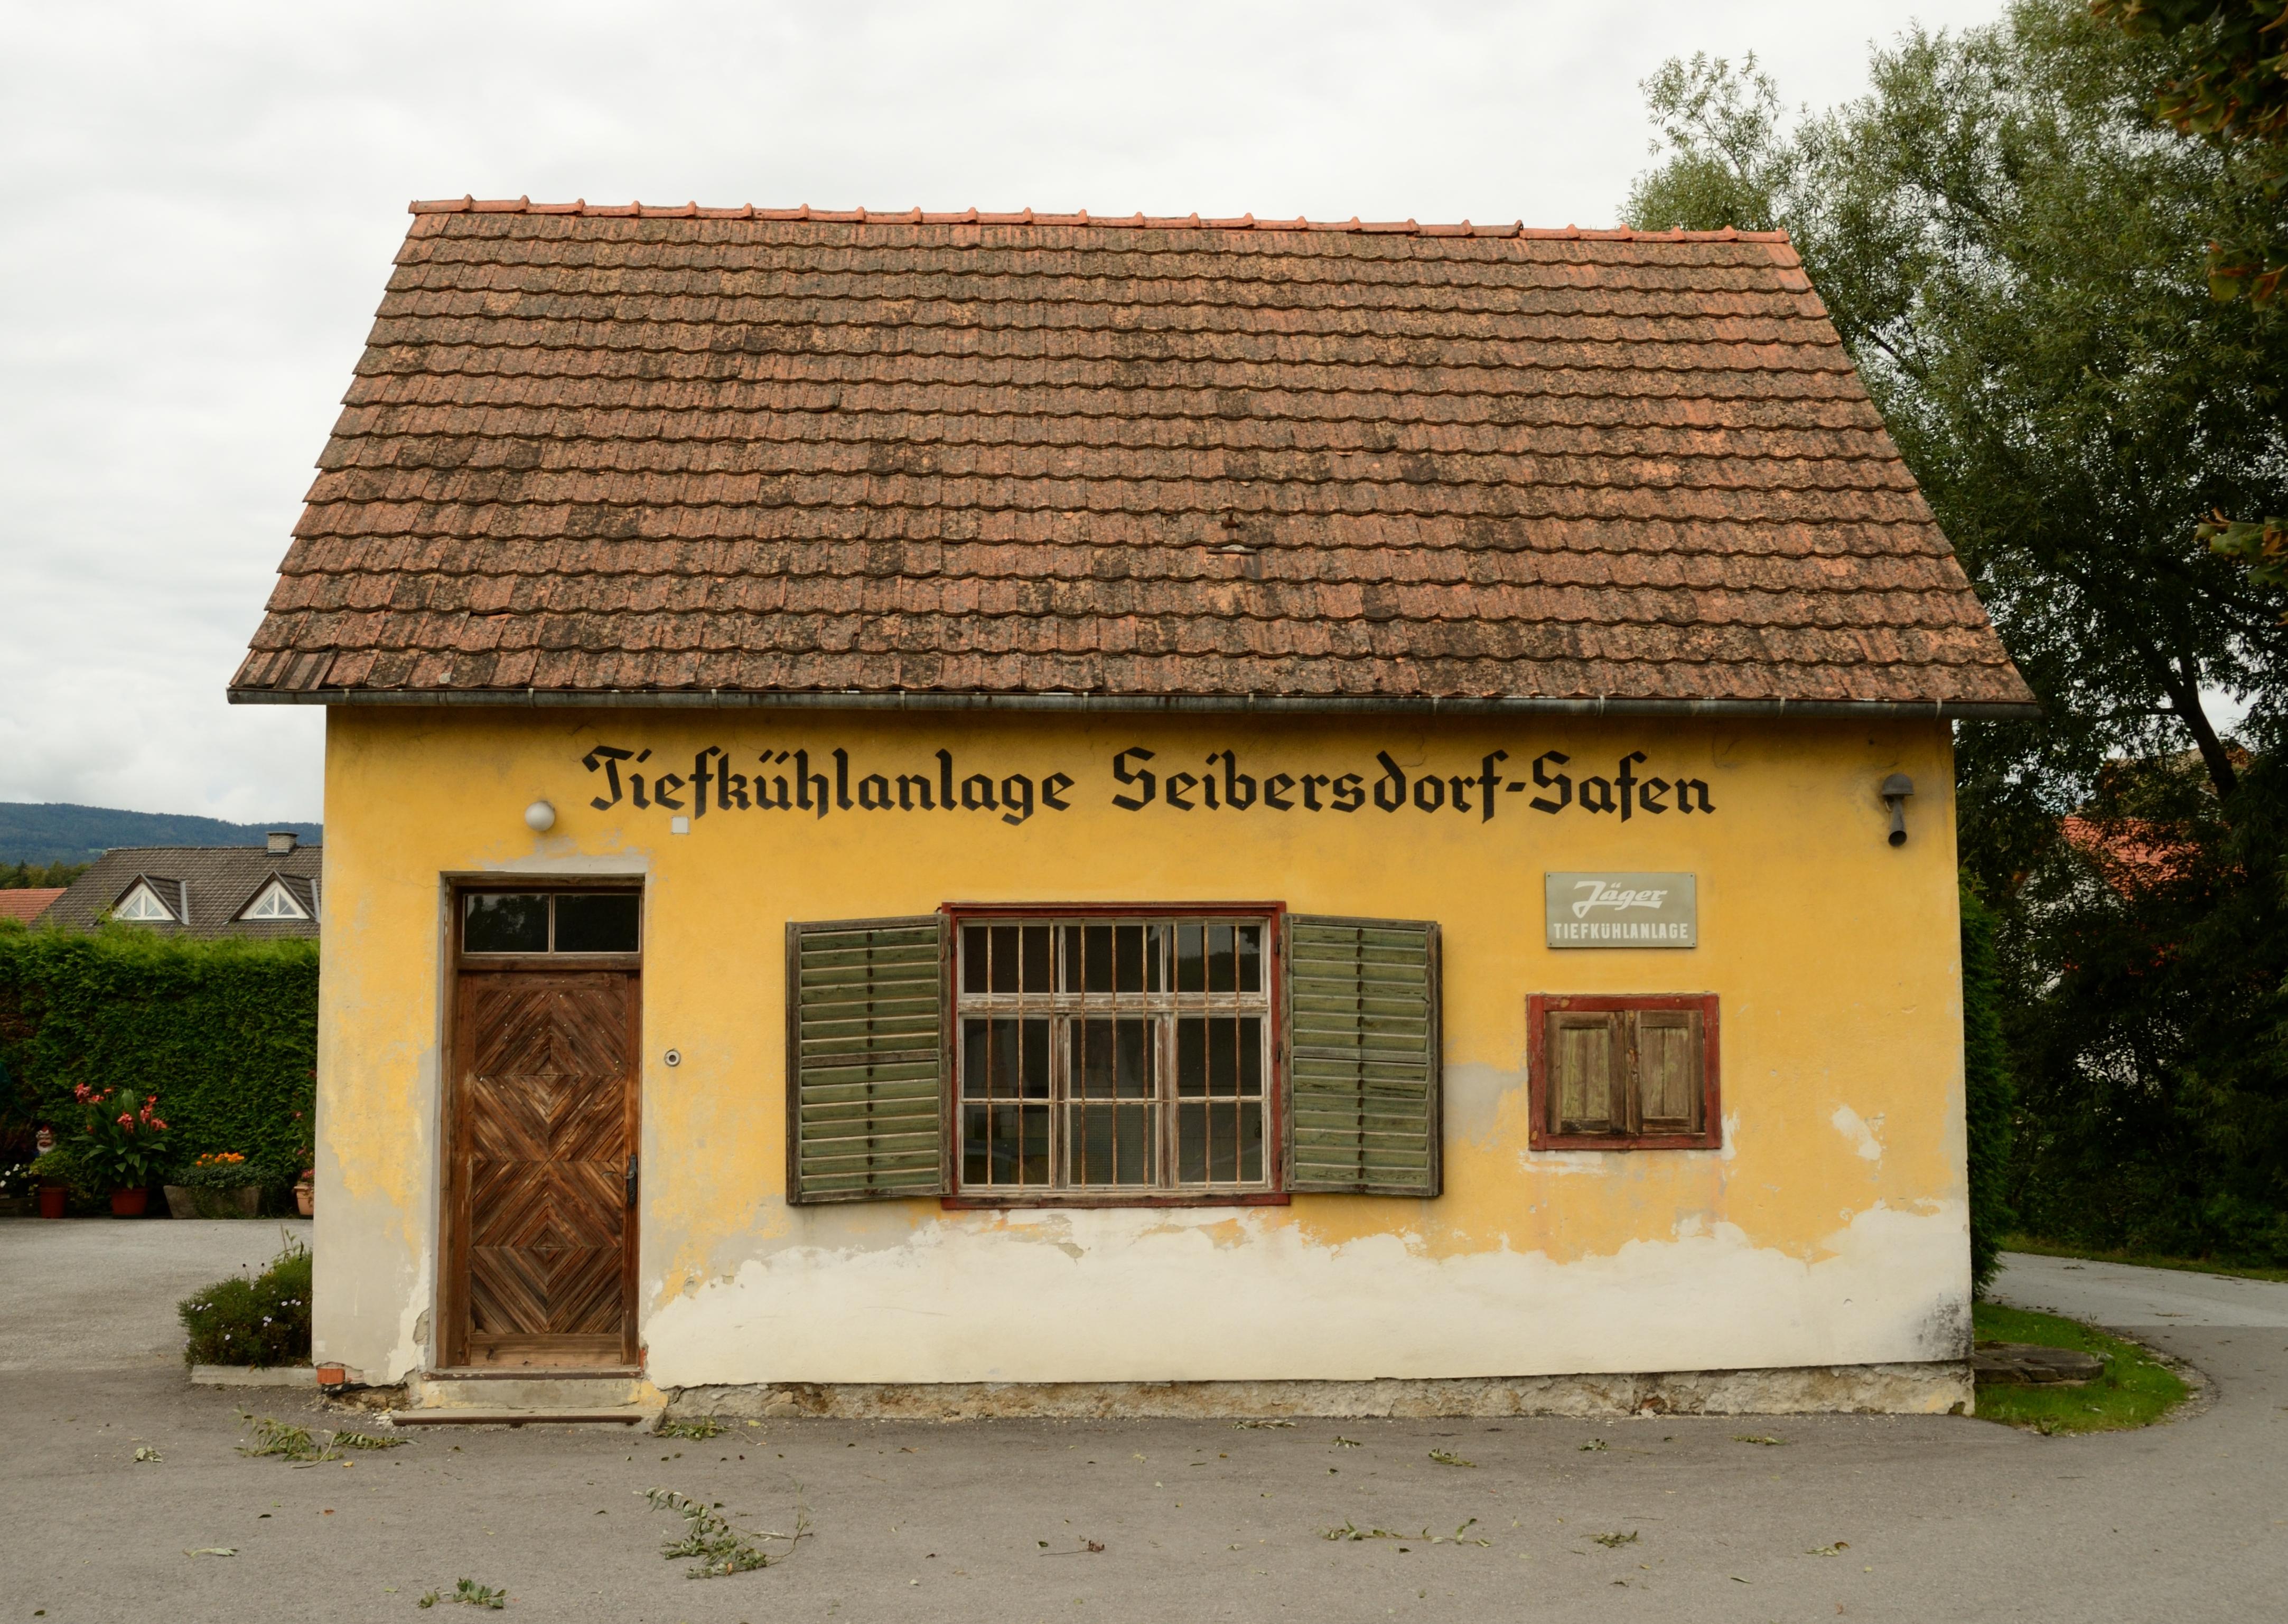 Lovoo-Strung in Grafendorf bei Hartberg? Aktuelle Probleme